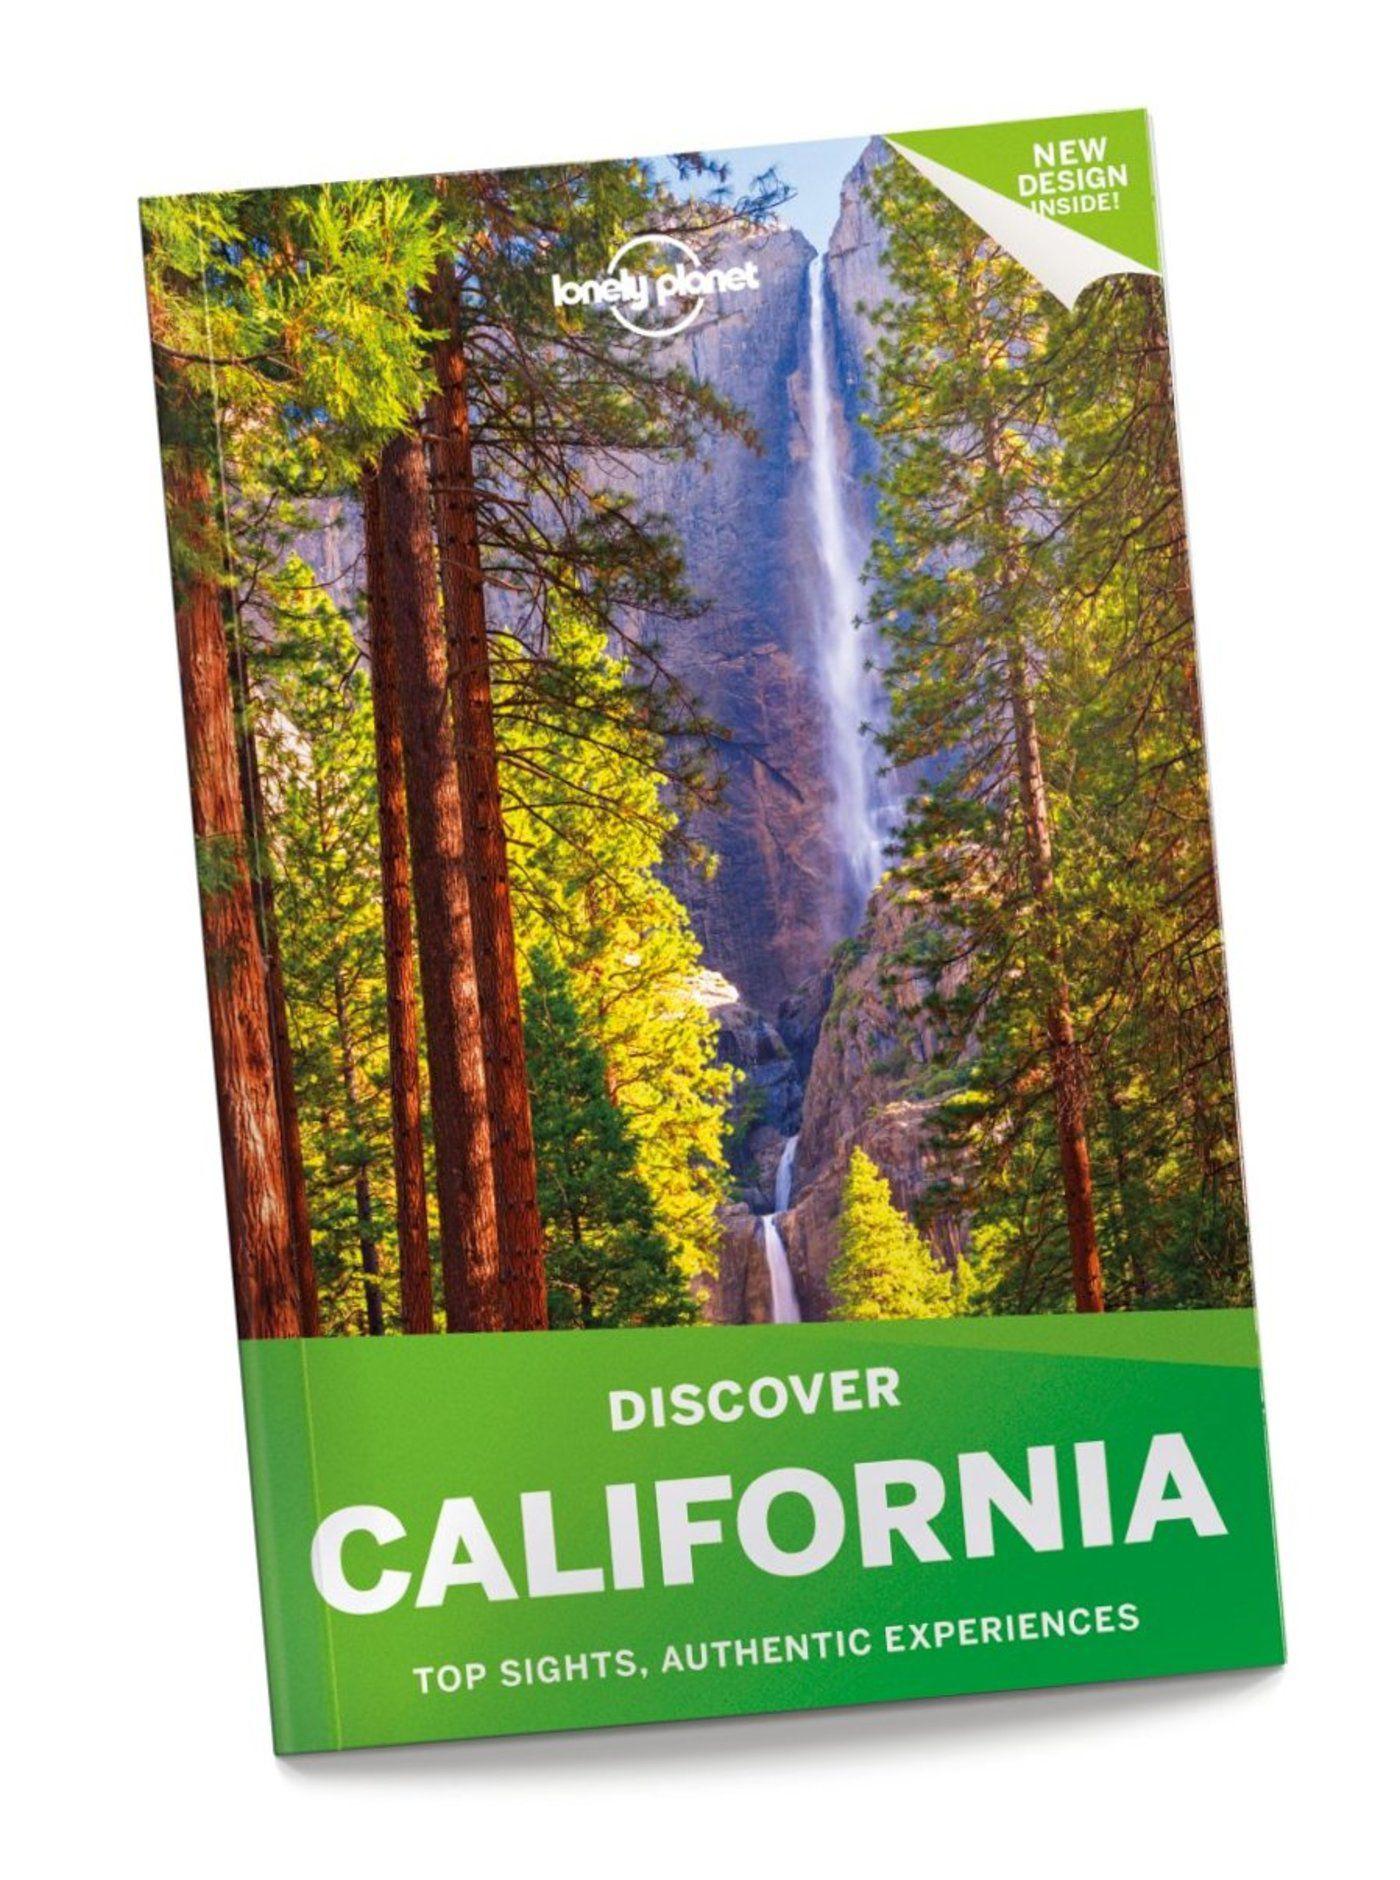 Gratis Reiseführer: Discover California von Lonely Planet